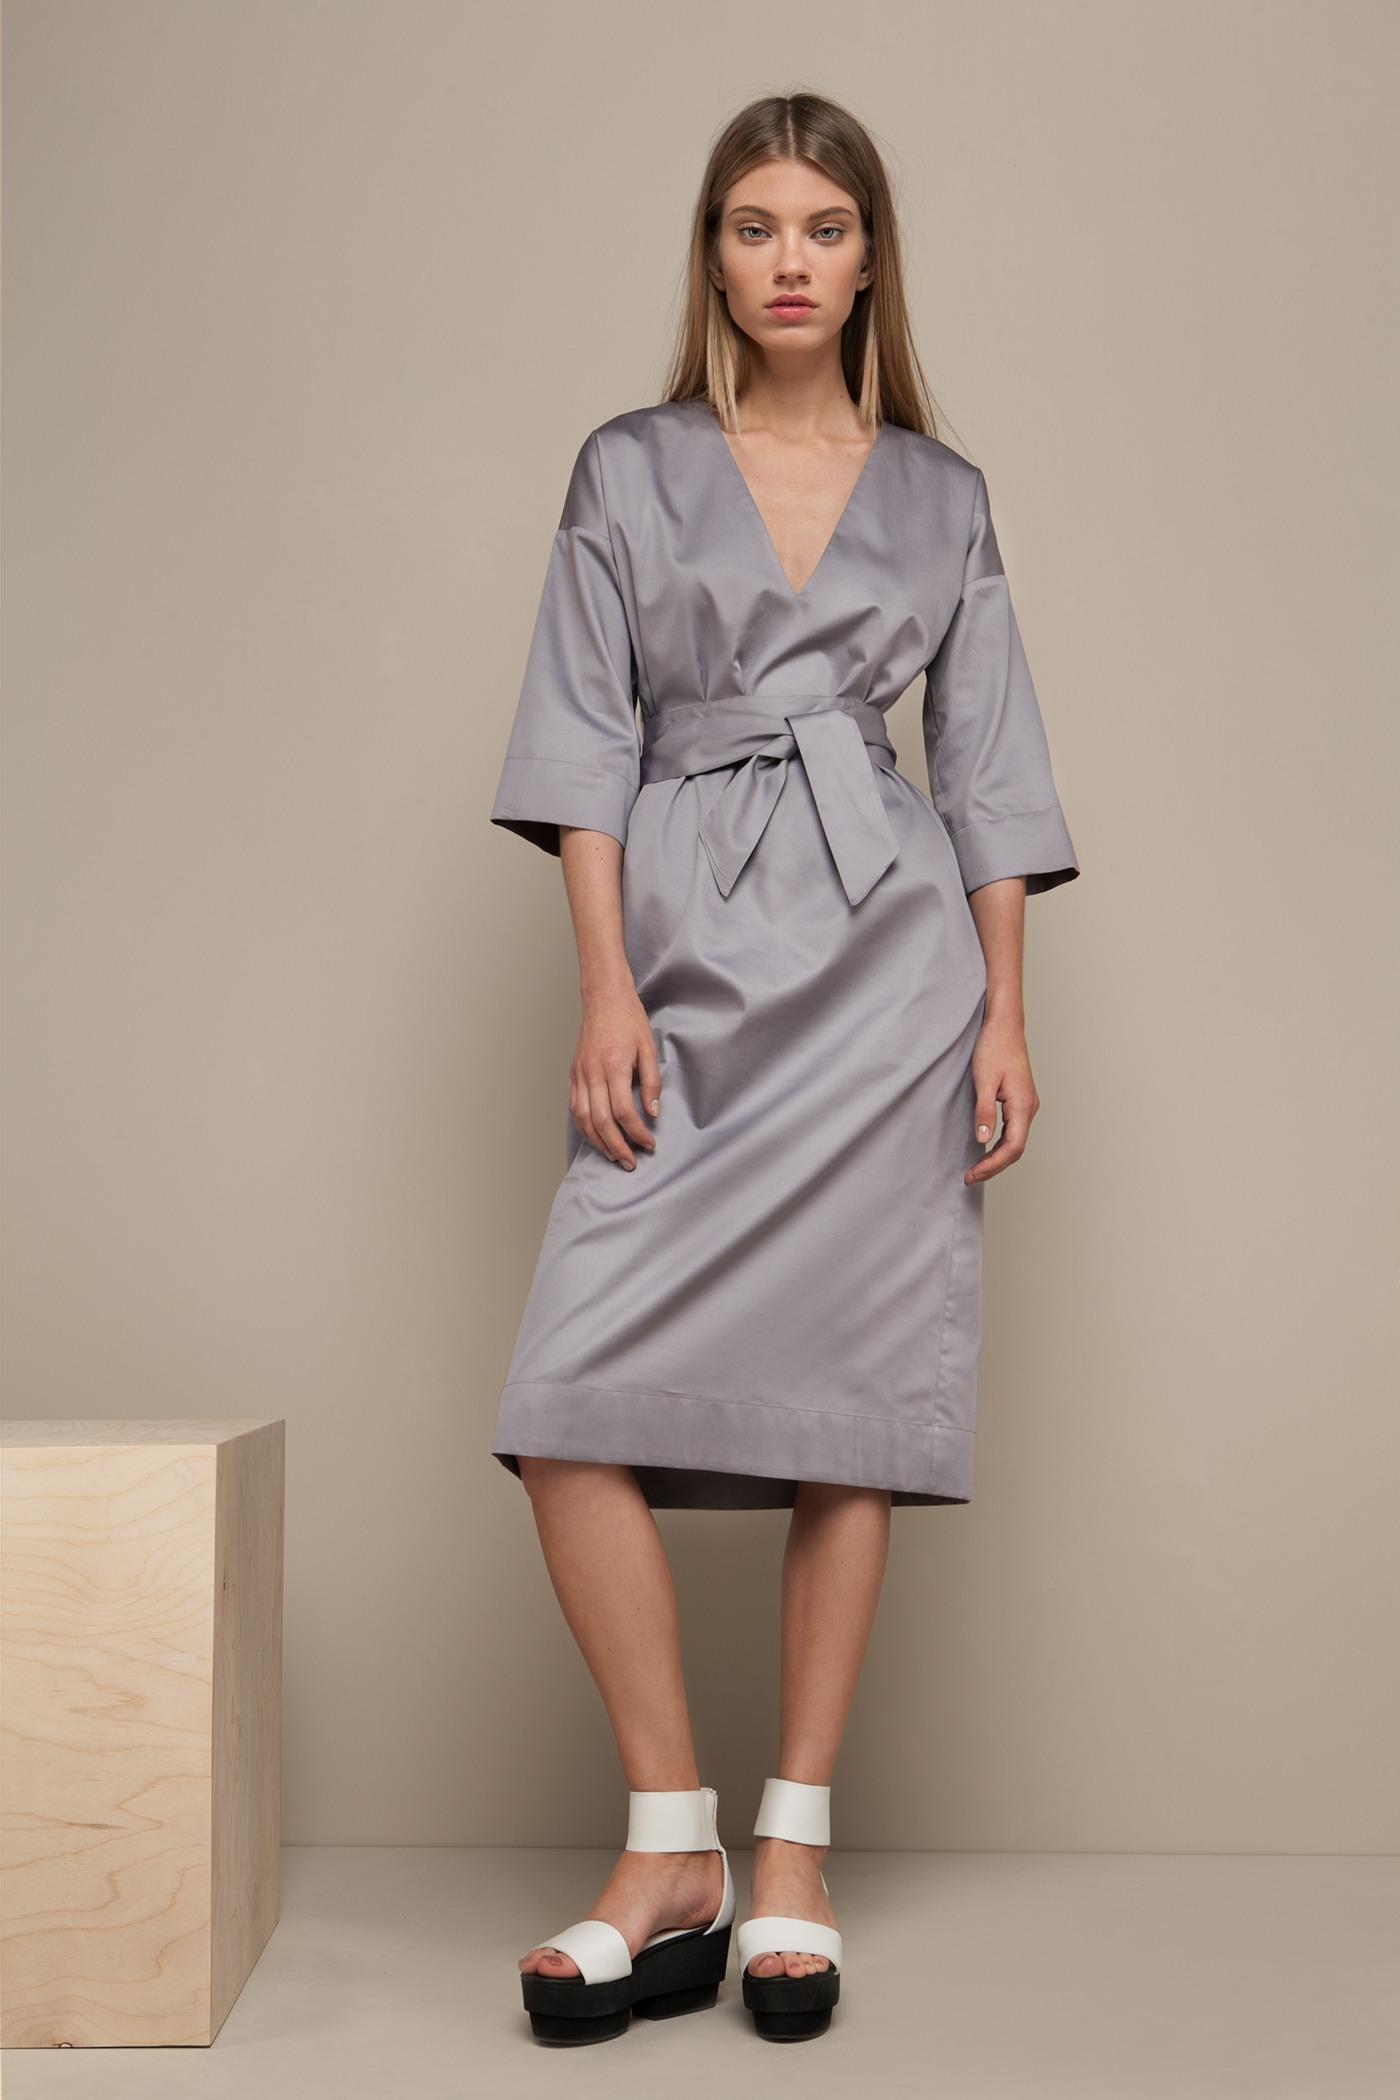 Платье средней длины - JapanПлатье средней длины прямого силуэта из хлопка с глубоким V-образным вырезом. Драпируется с помощью тканного пояса.&#13;<br>&#13;<br>&#13;<br>широкие рукава 2/3&#13;<br>&#13;<br>имеет карманы в боковых швах&#13;<br>&#13;<br>свободный силуэт, платье можно носить как с поясом, так и без&#13;<br>&#13;<br>дышащий хлопок — идеальное платье для жаркого лета&#13;<br>&#13;<br>длина изделия по спинке 107 см в ростовке 164-170 см., длина может изменятся в зависимости от размера и ростовки&#13;<br>&#13;<br>размер и другие нюансы уточняются при заказе, мы с вами связываемся по указному вами номеру телефона<br><br>Цвет: Серый дым